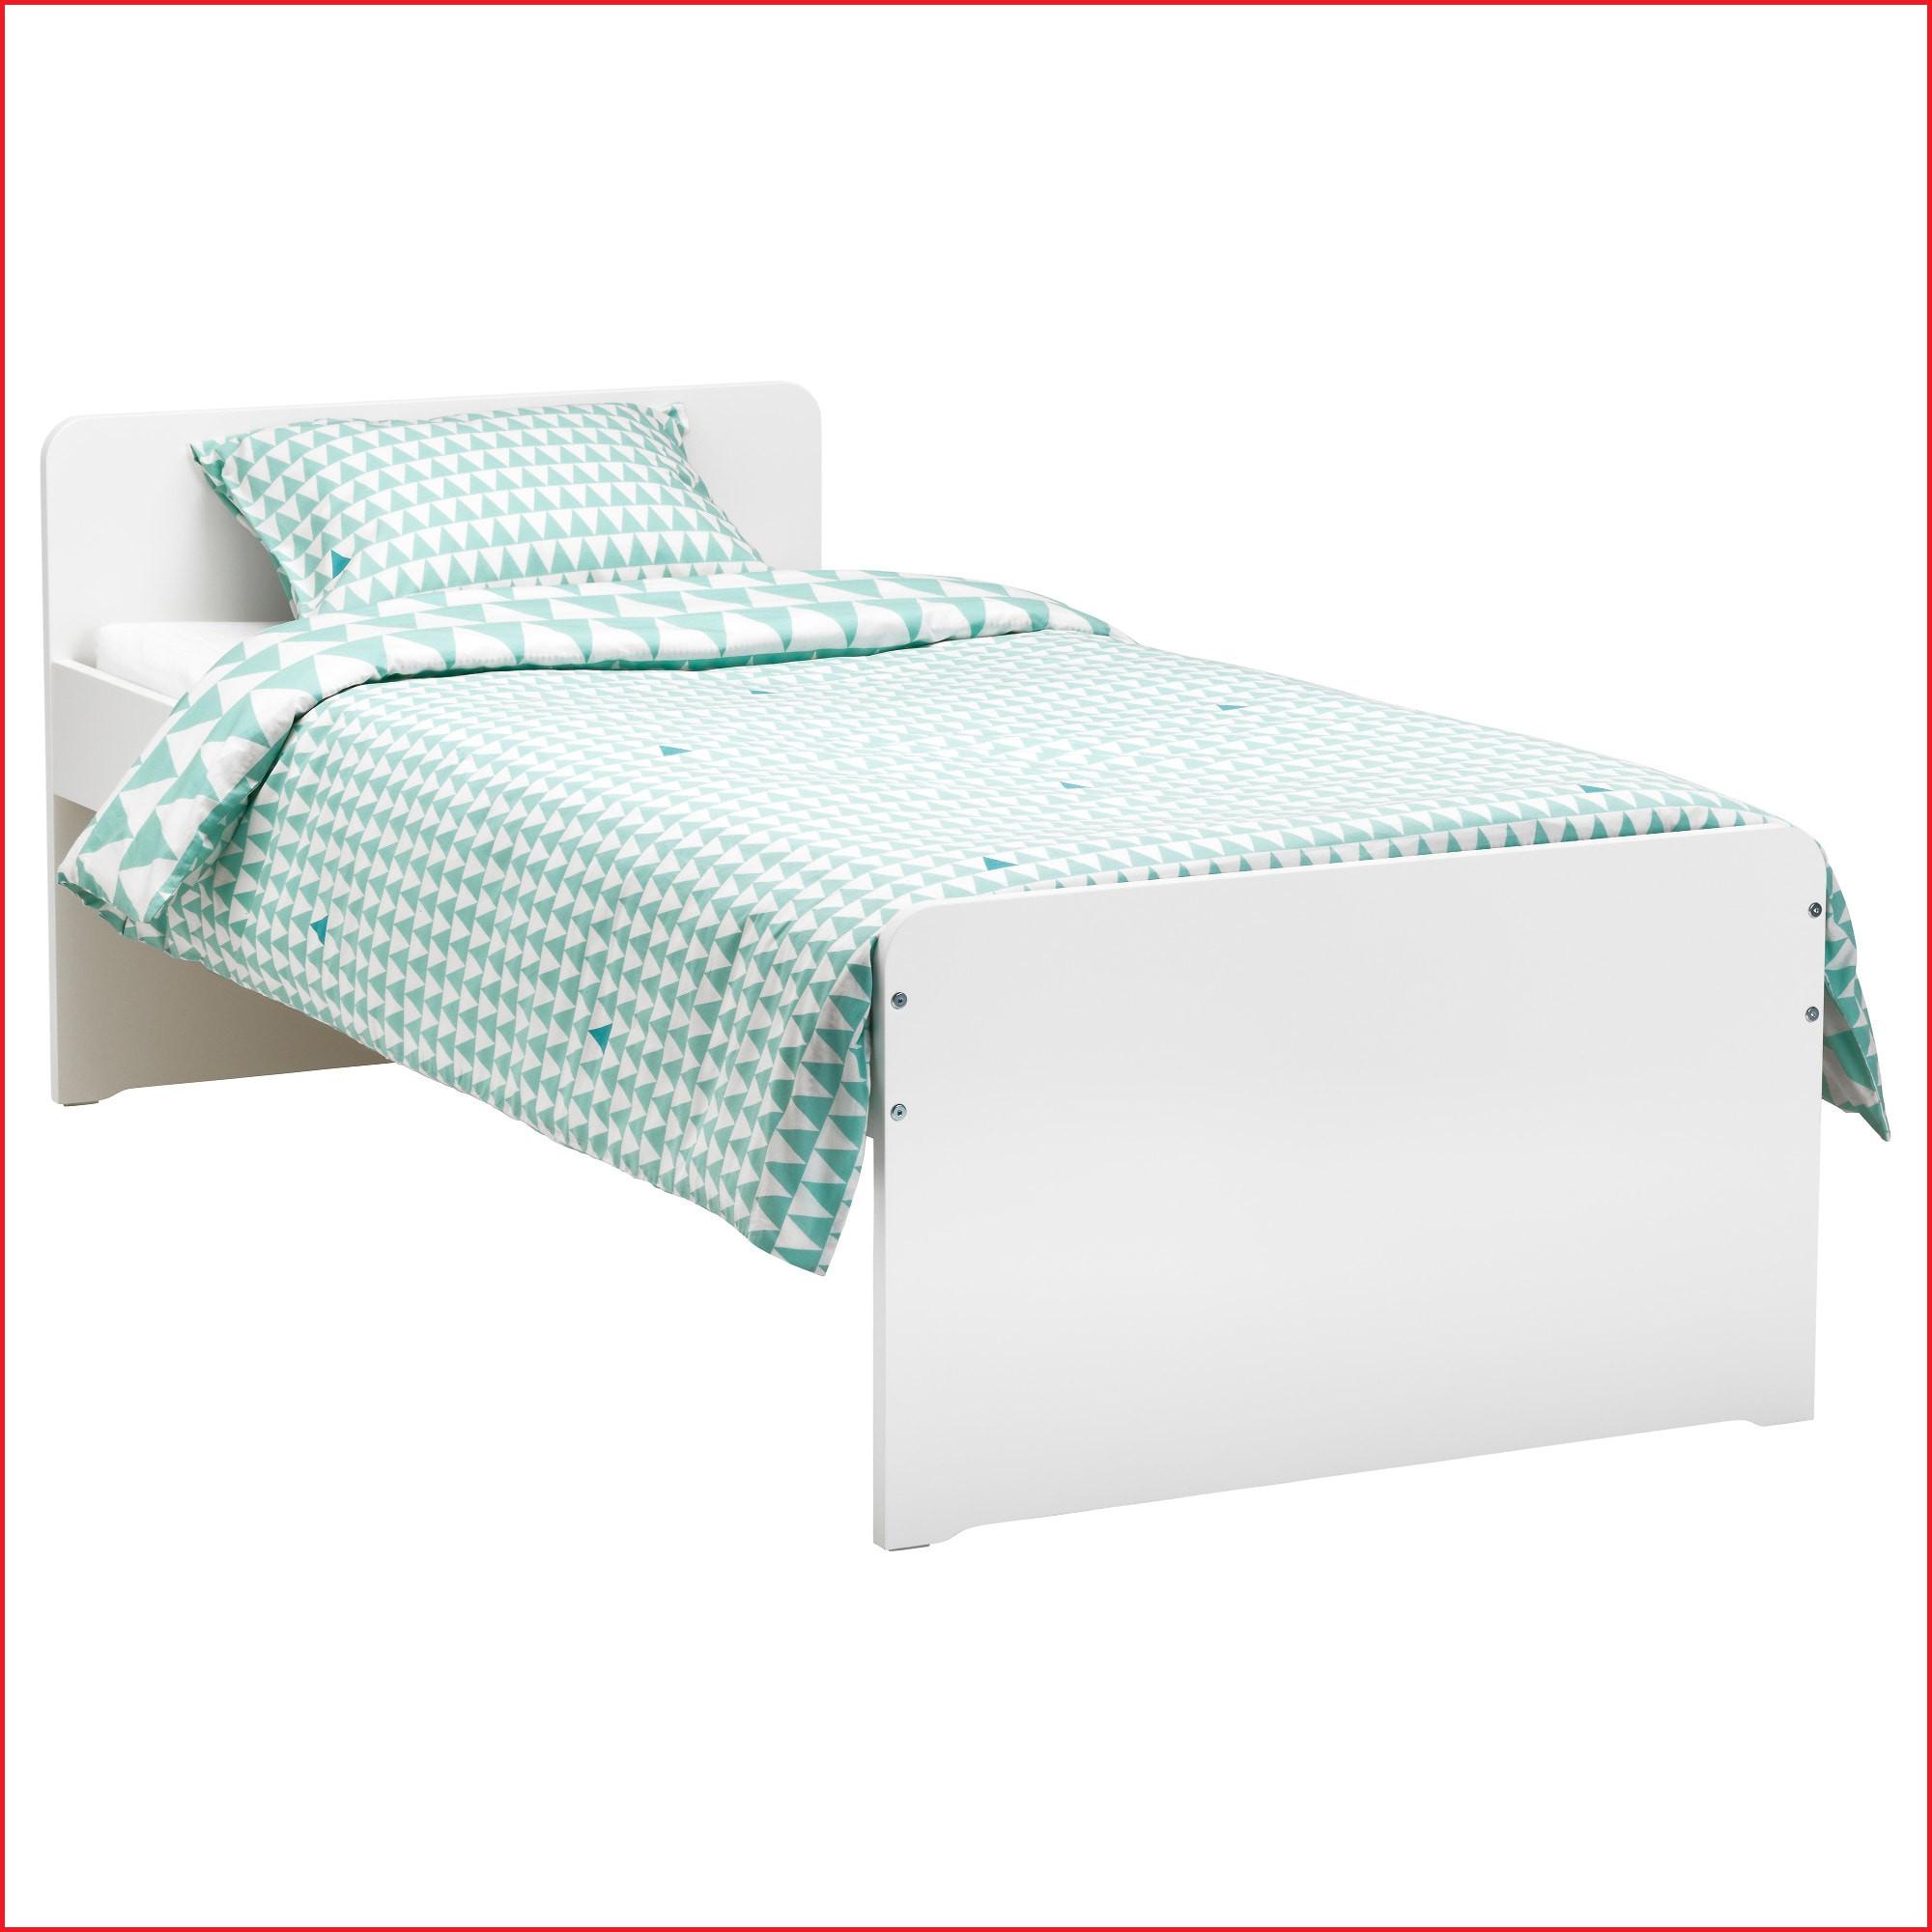 Mueble Cama Ikea E9dx Mueble Cama Ikea Sl Kt Estructura De Cama Con somier Blanco